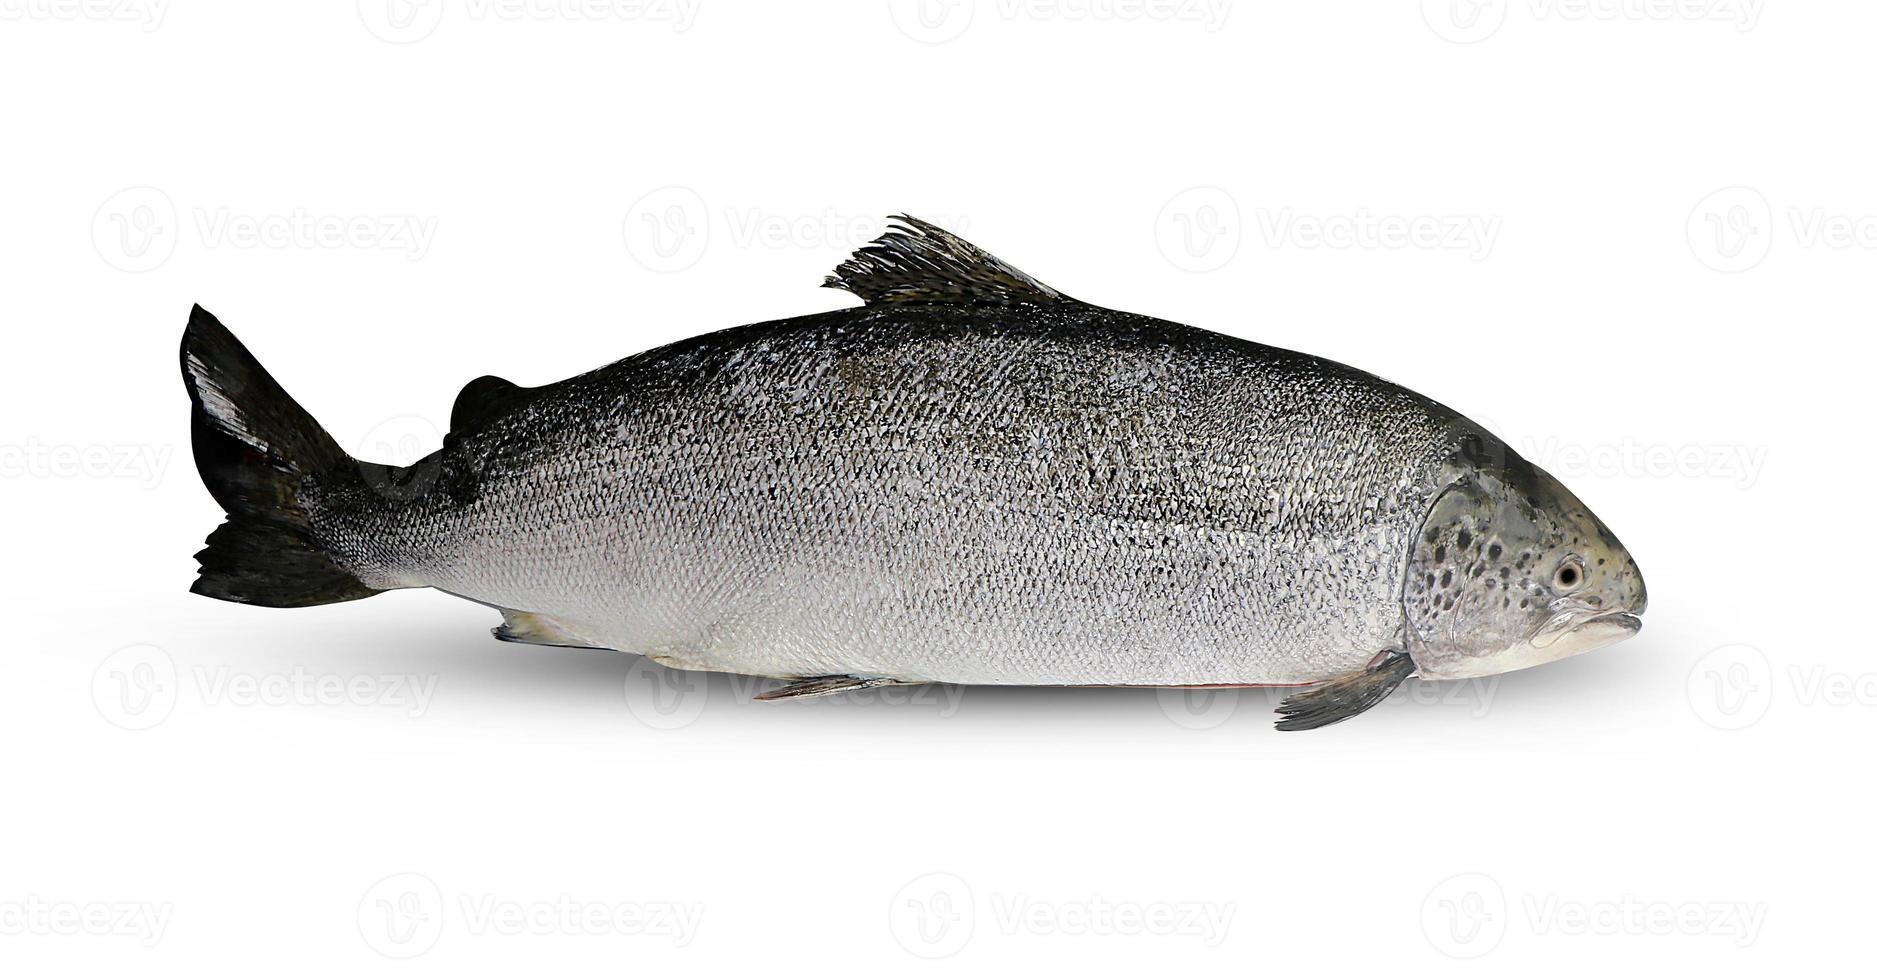 Salmon fish on white background photo